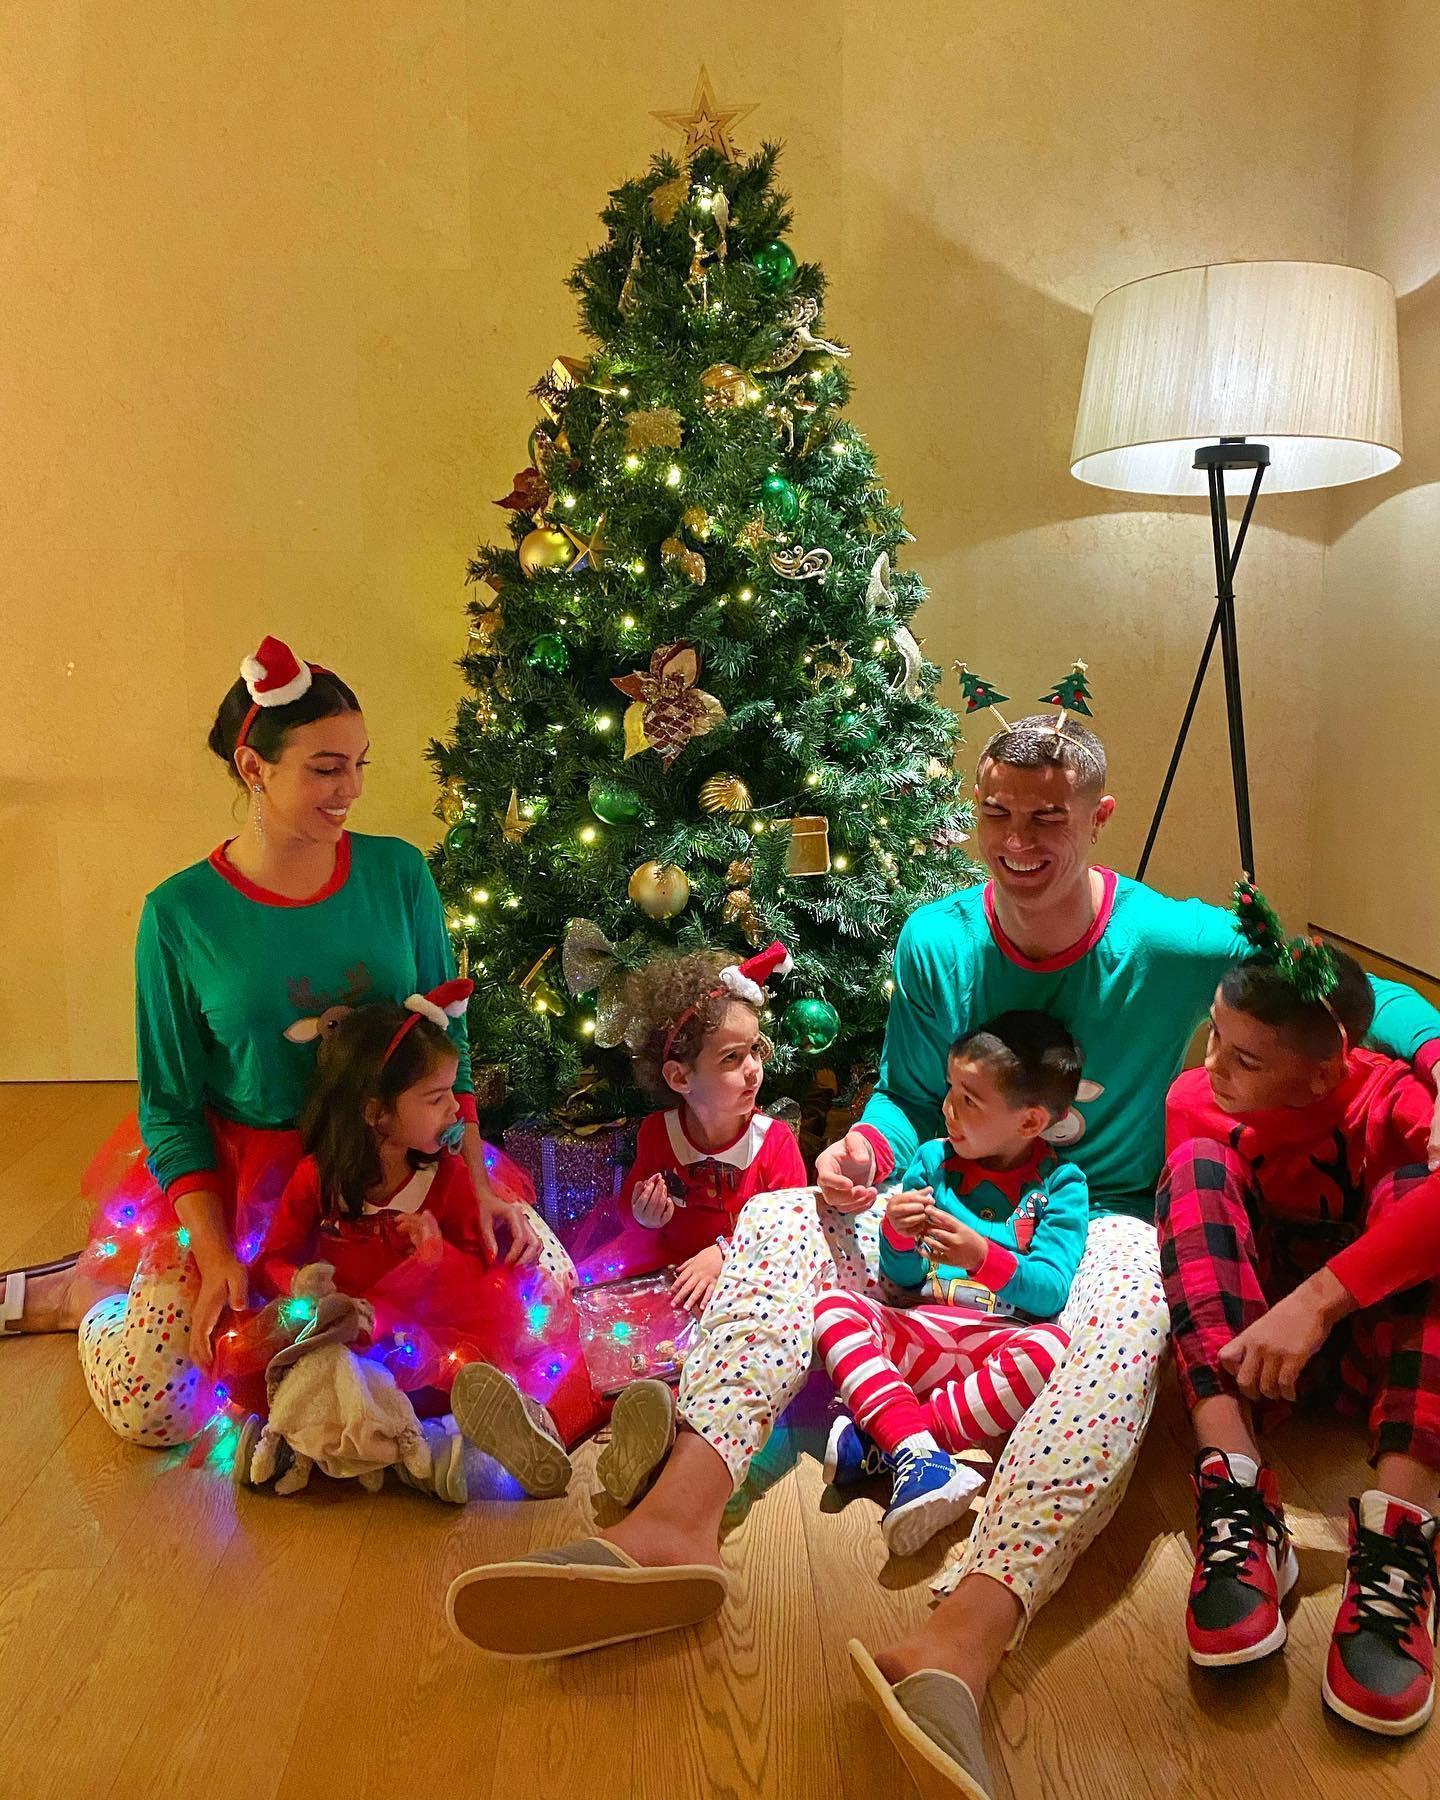 Ronaldo đăng ảnh ấm áp bên gia đình đêm Noel